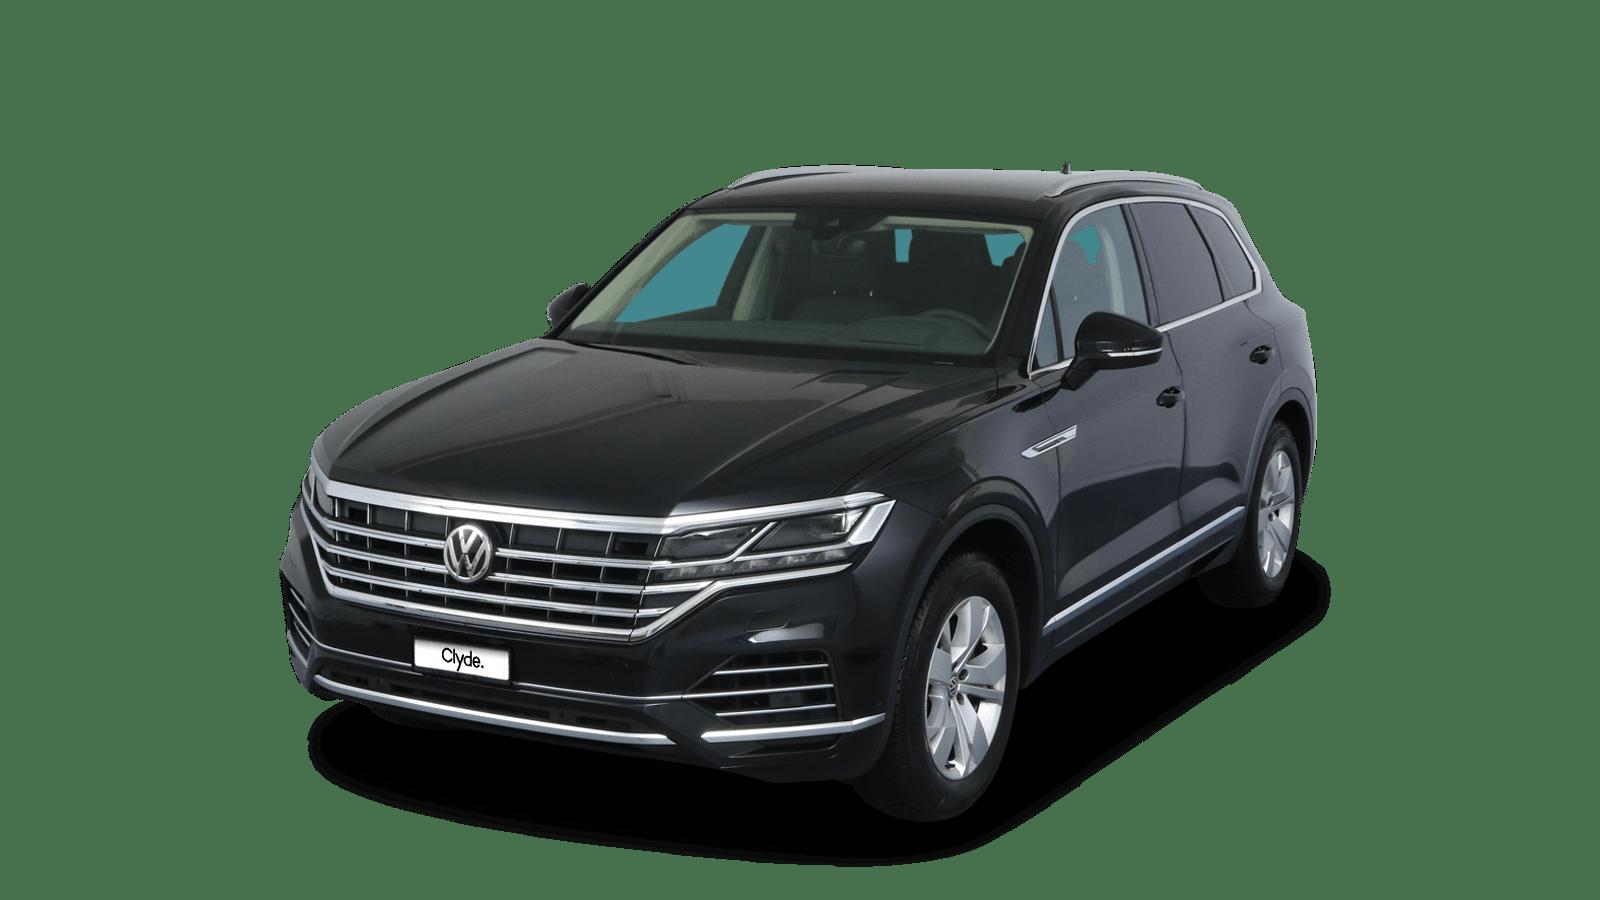 VW Touareg Schwarz front - Clyde Auto-Abo